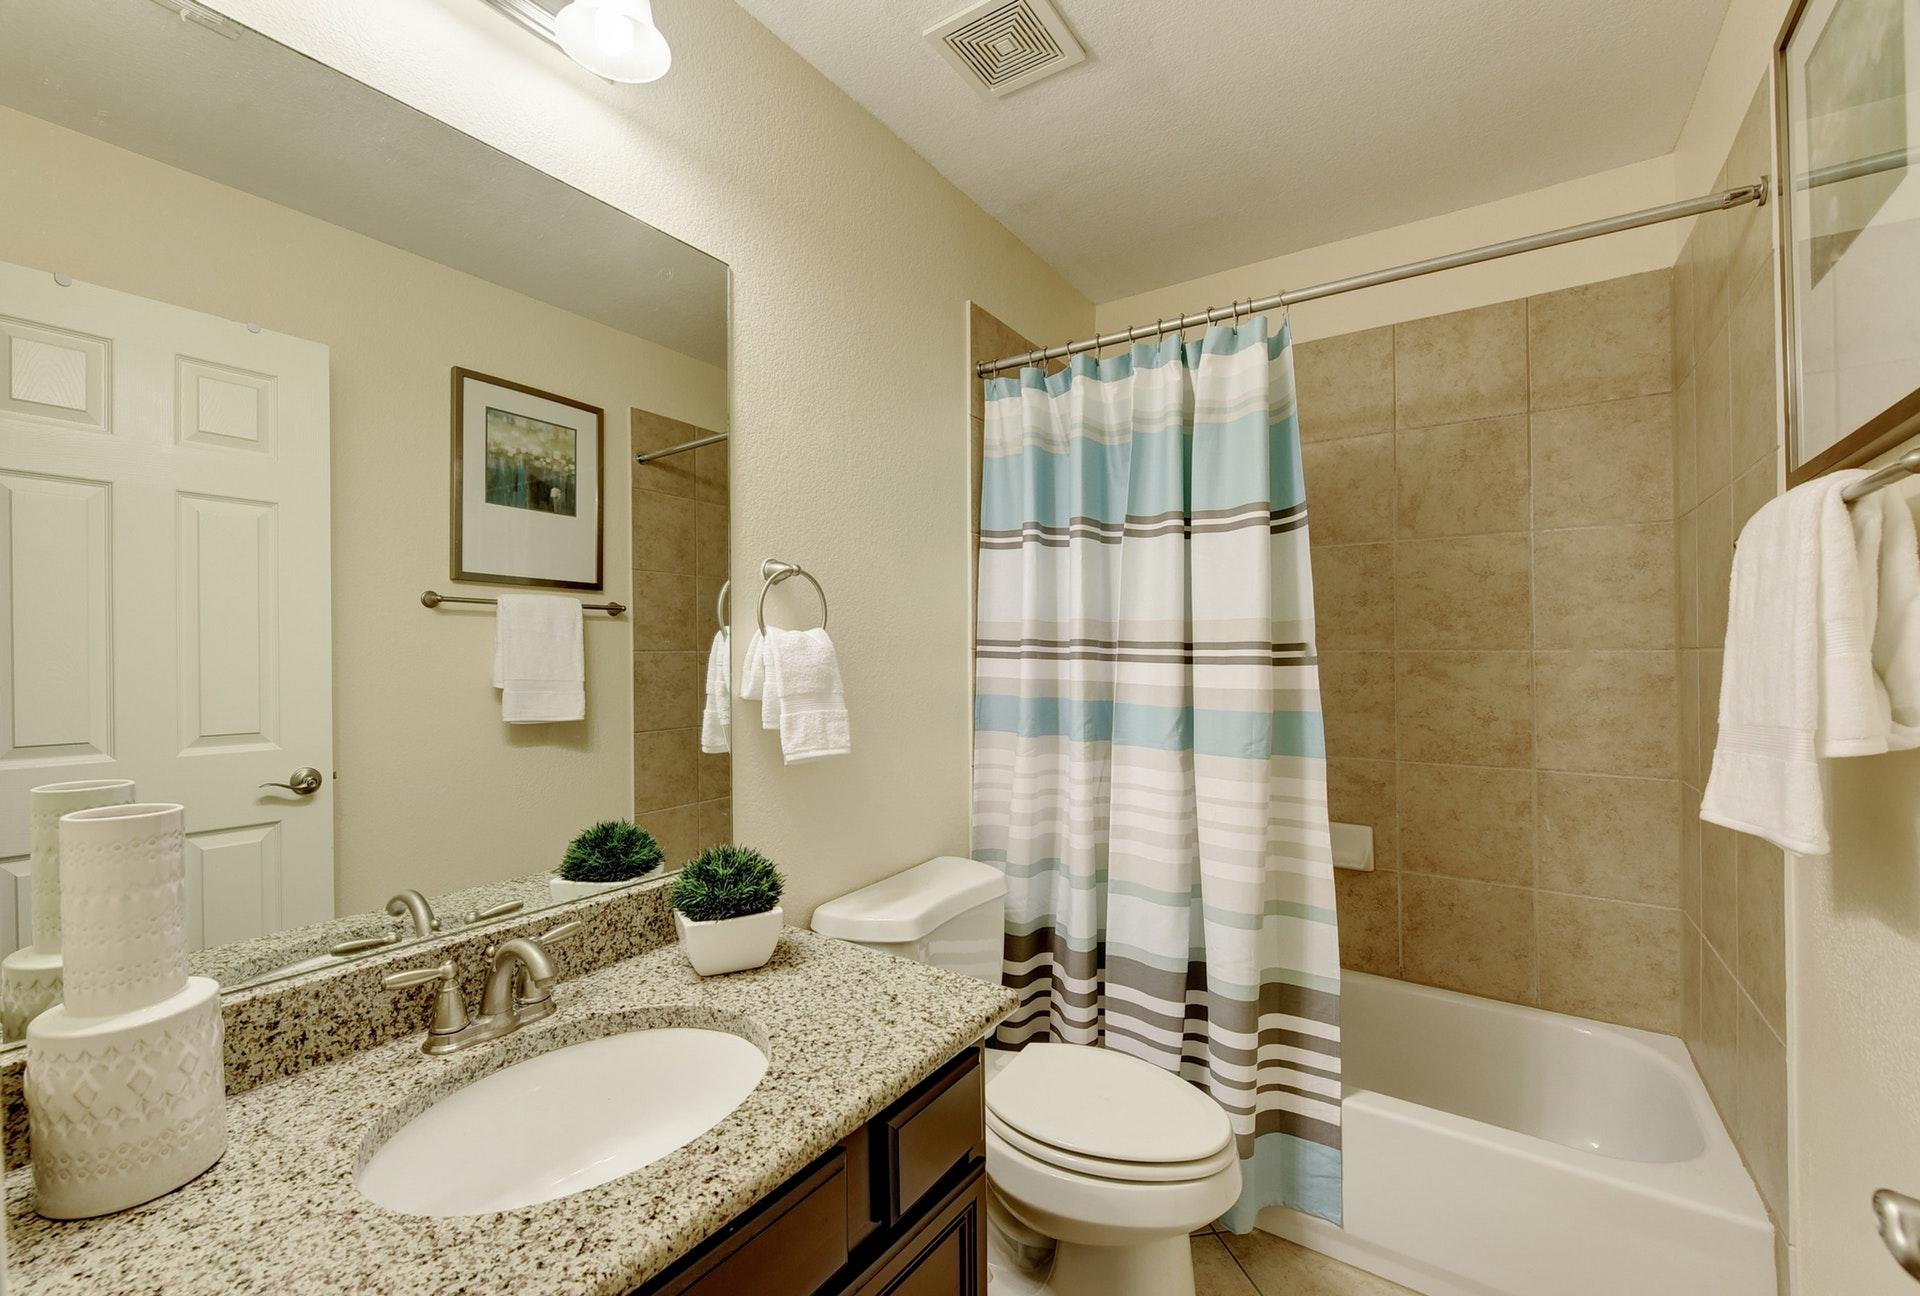 12425 Dorsett - Bathroom 3